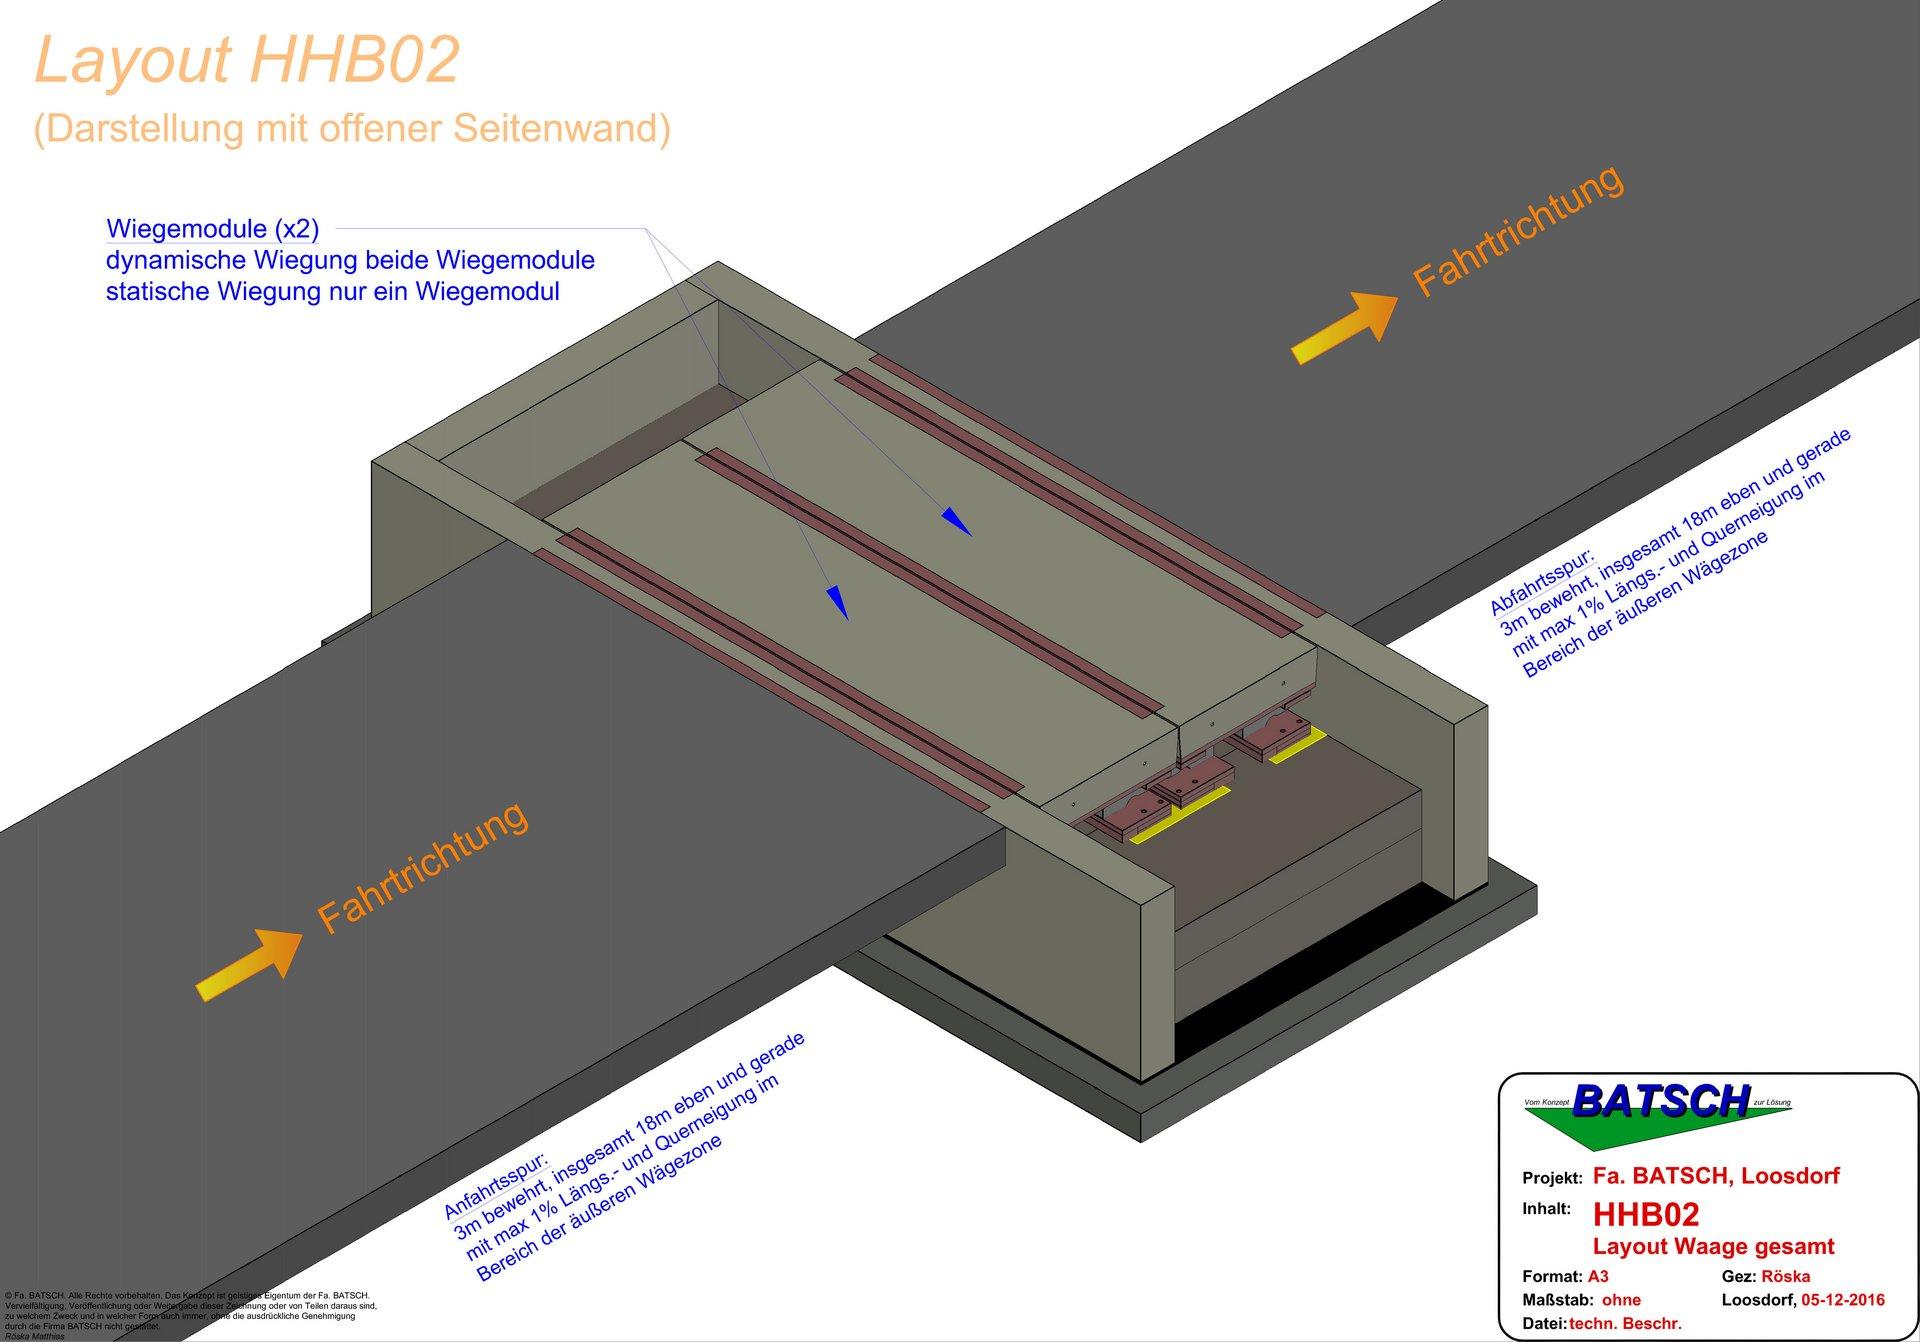 HHB02 Darstellung mit offener Seitenwand